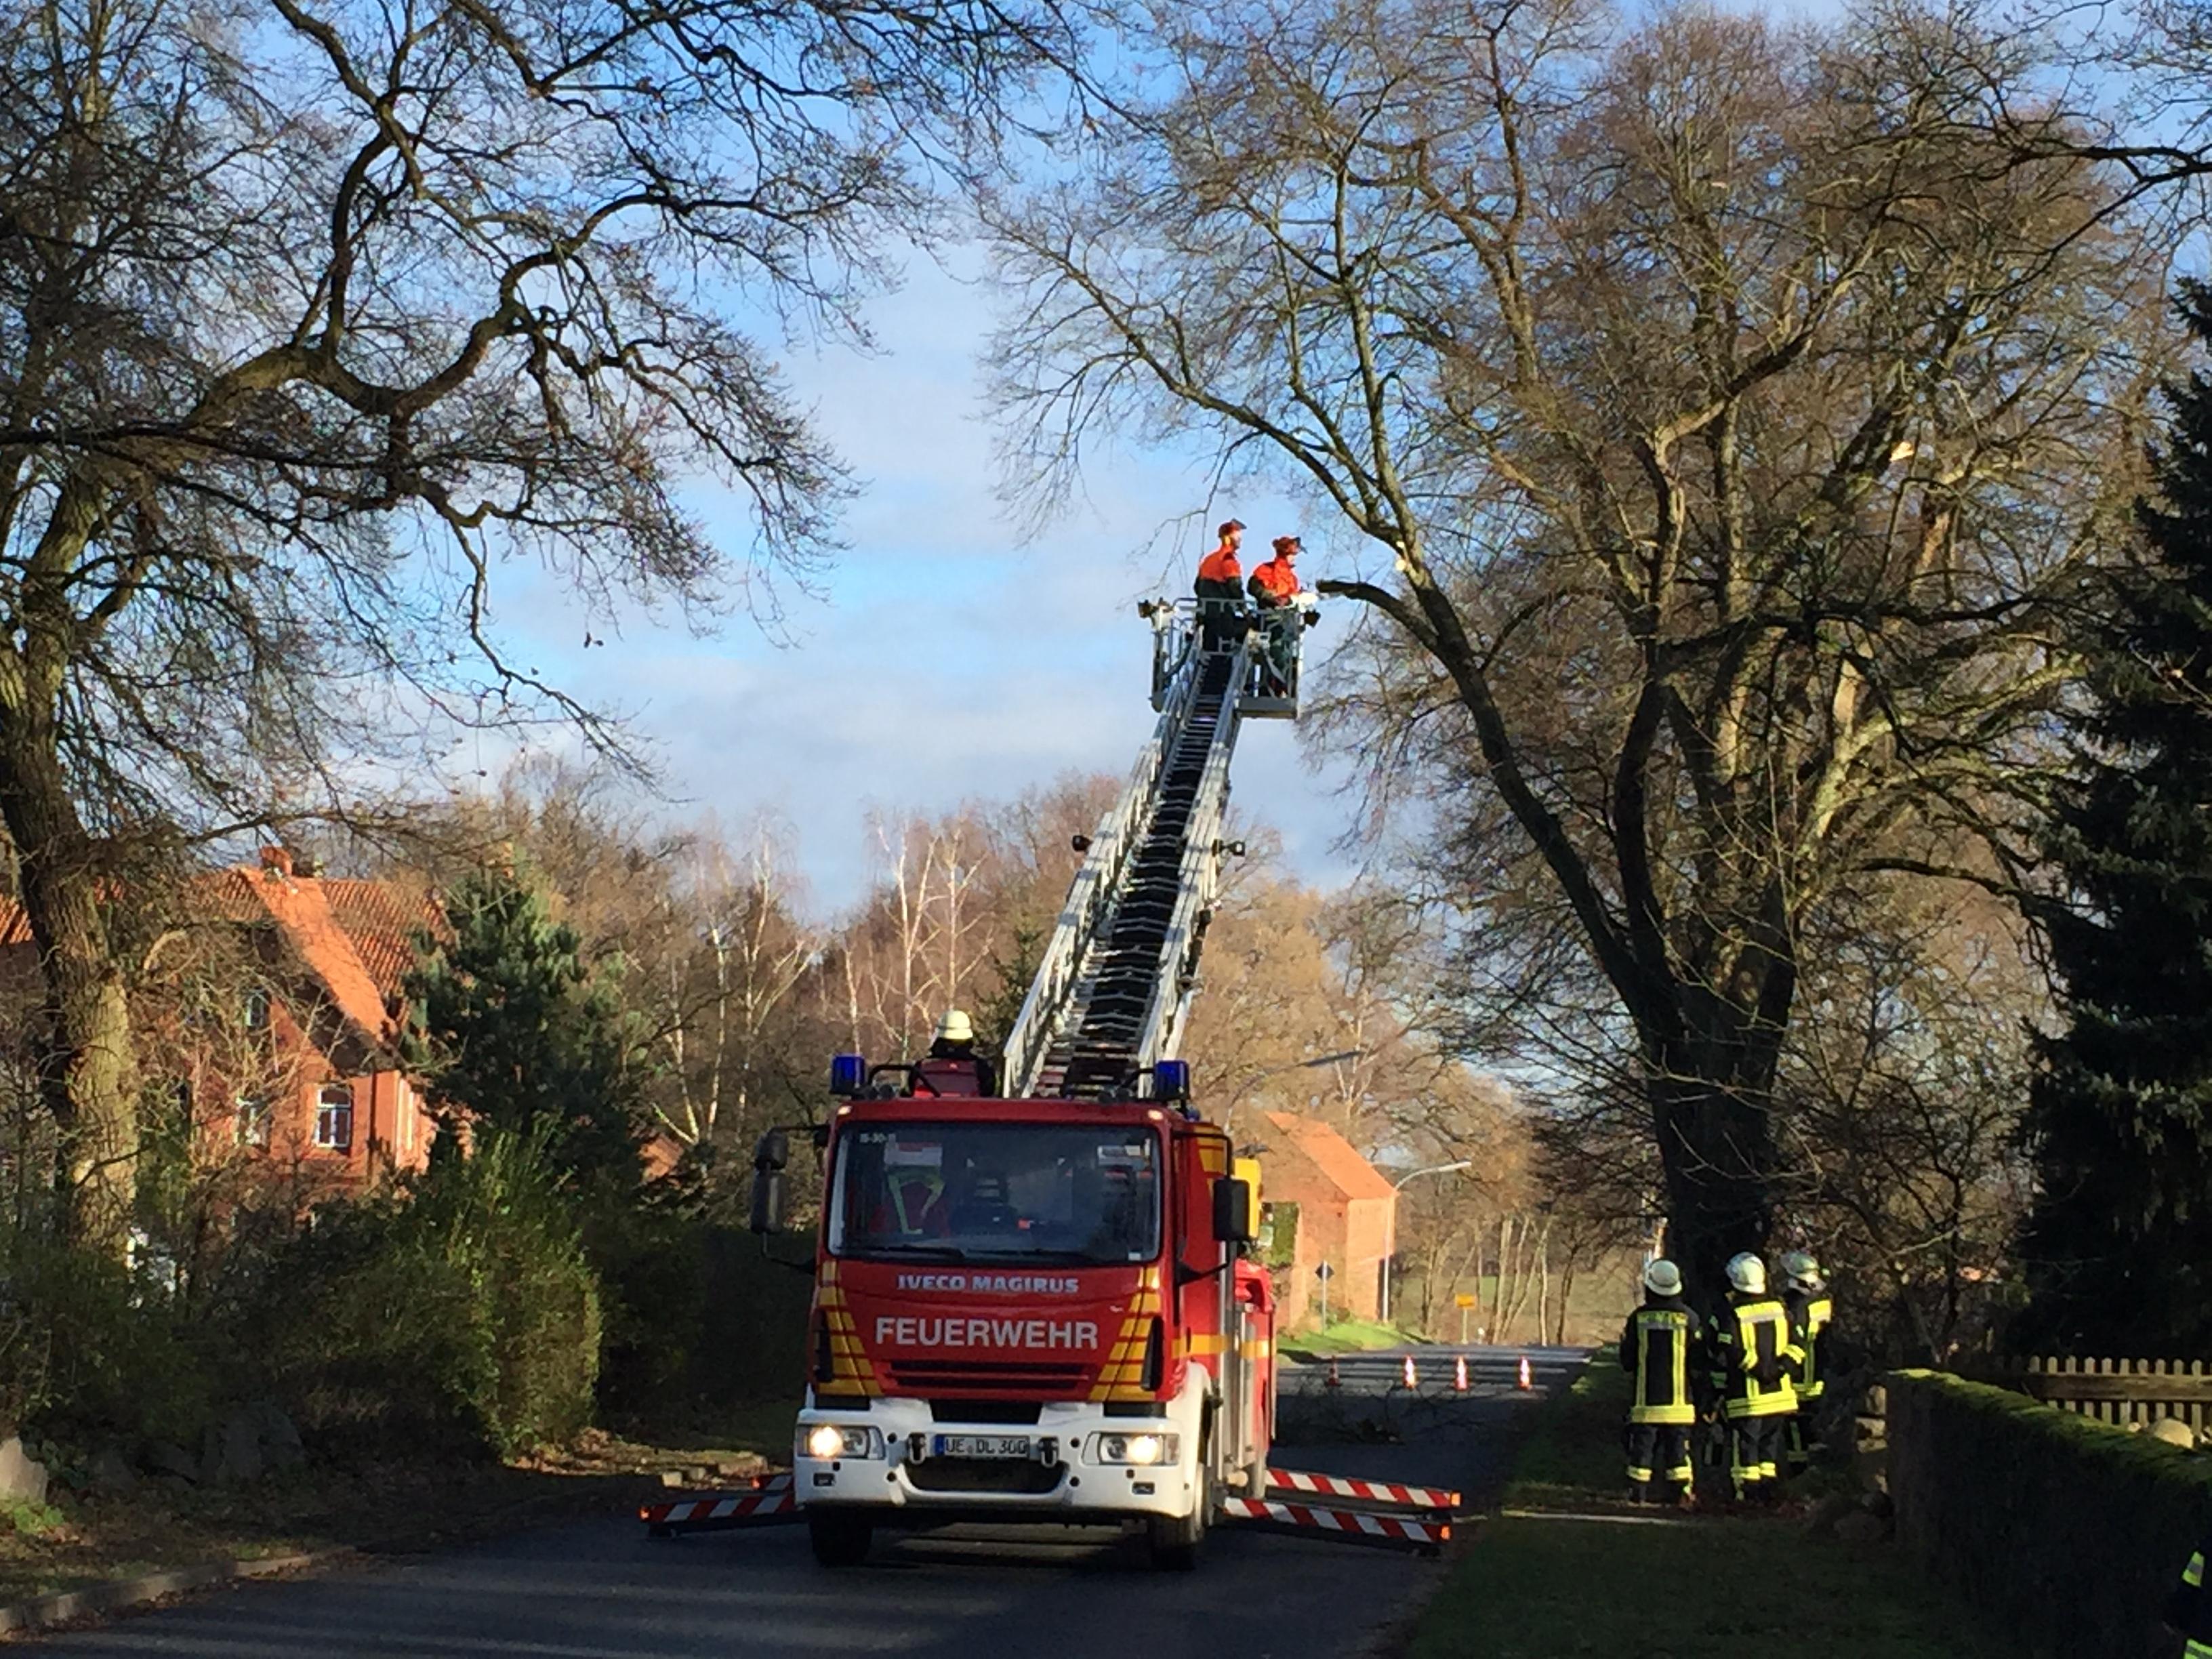 251. Anforderung DLK / Baum droht auf Straße zu fallen